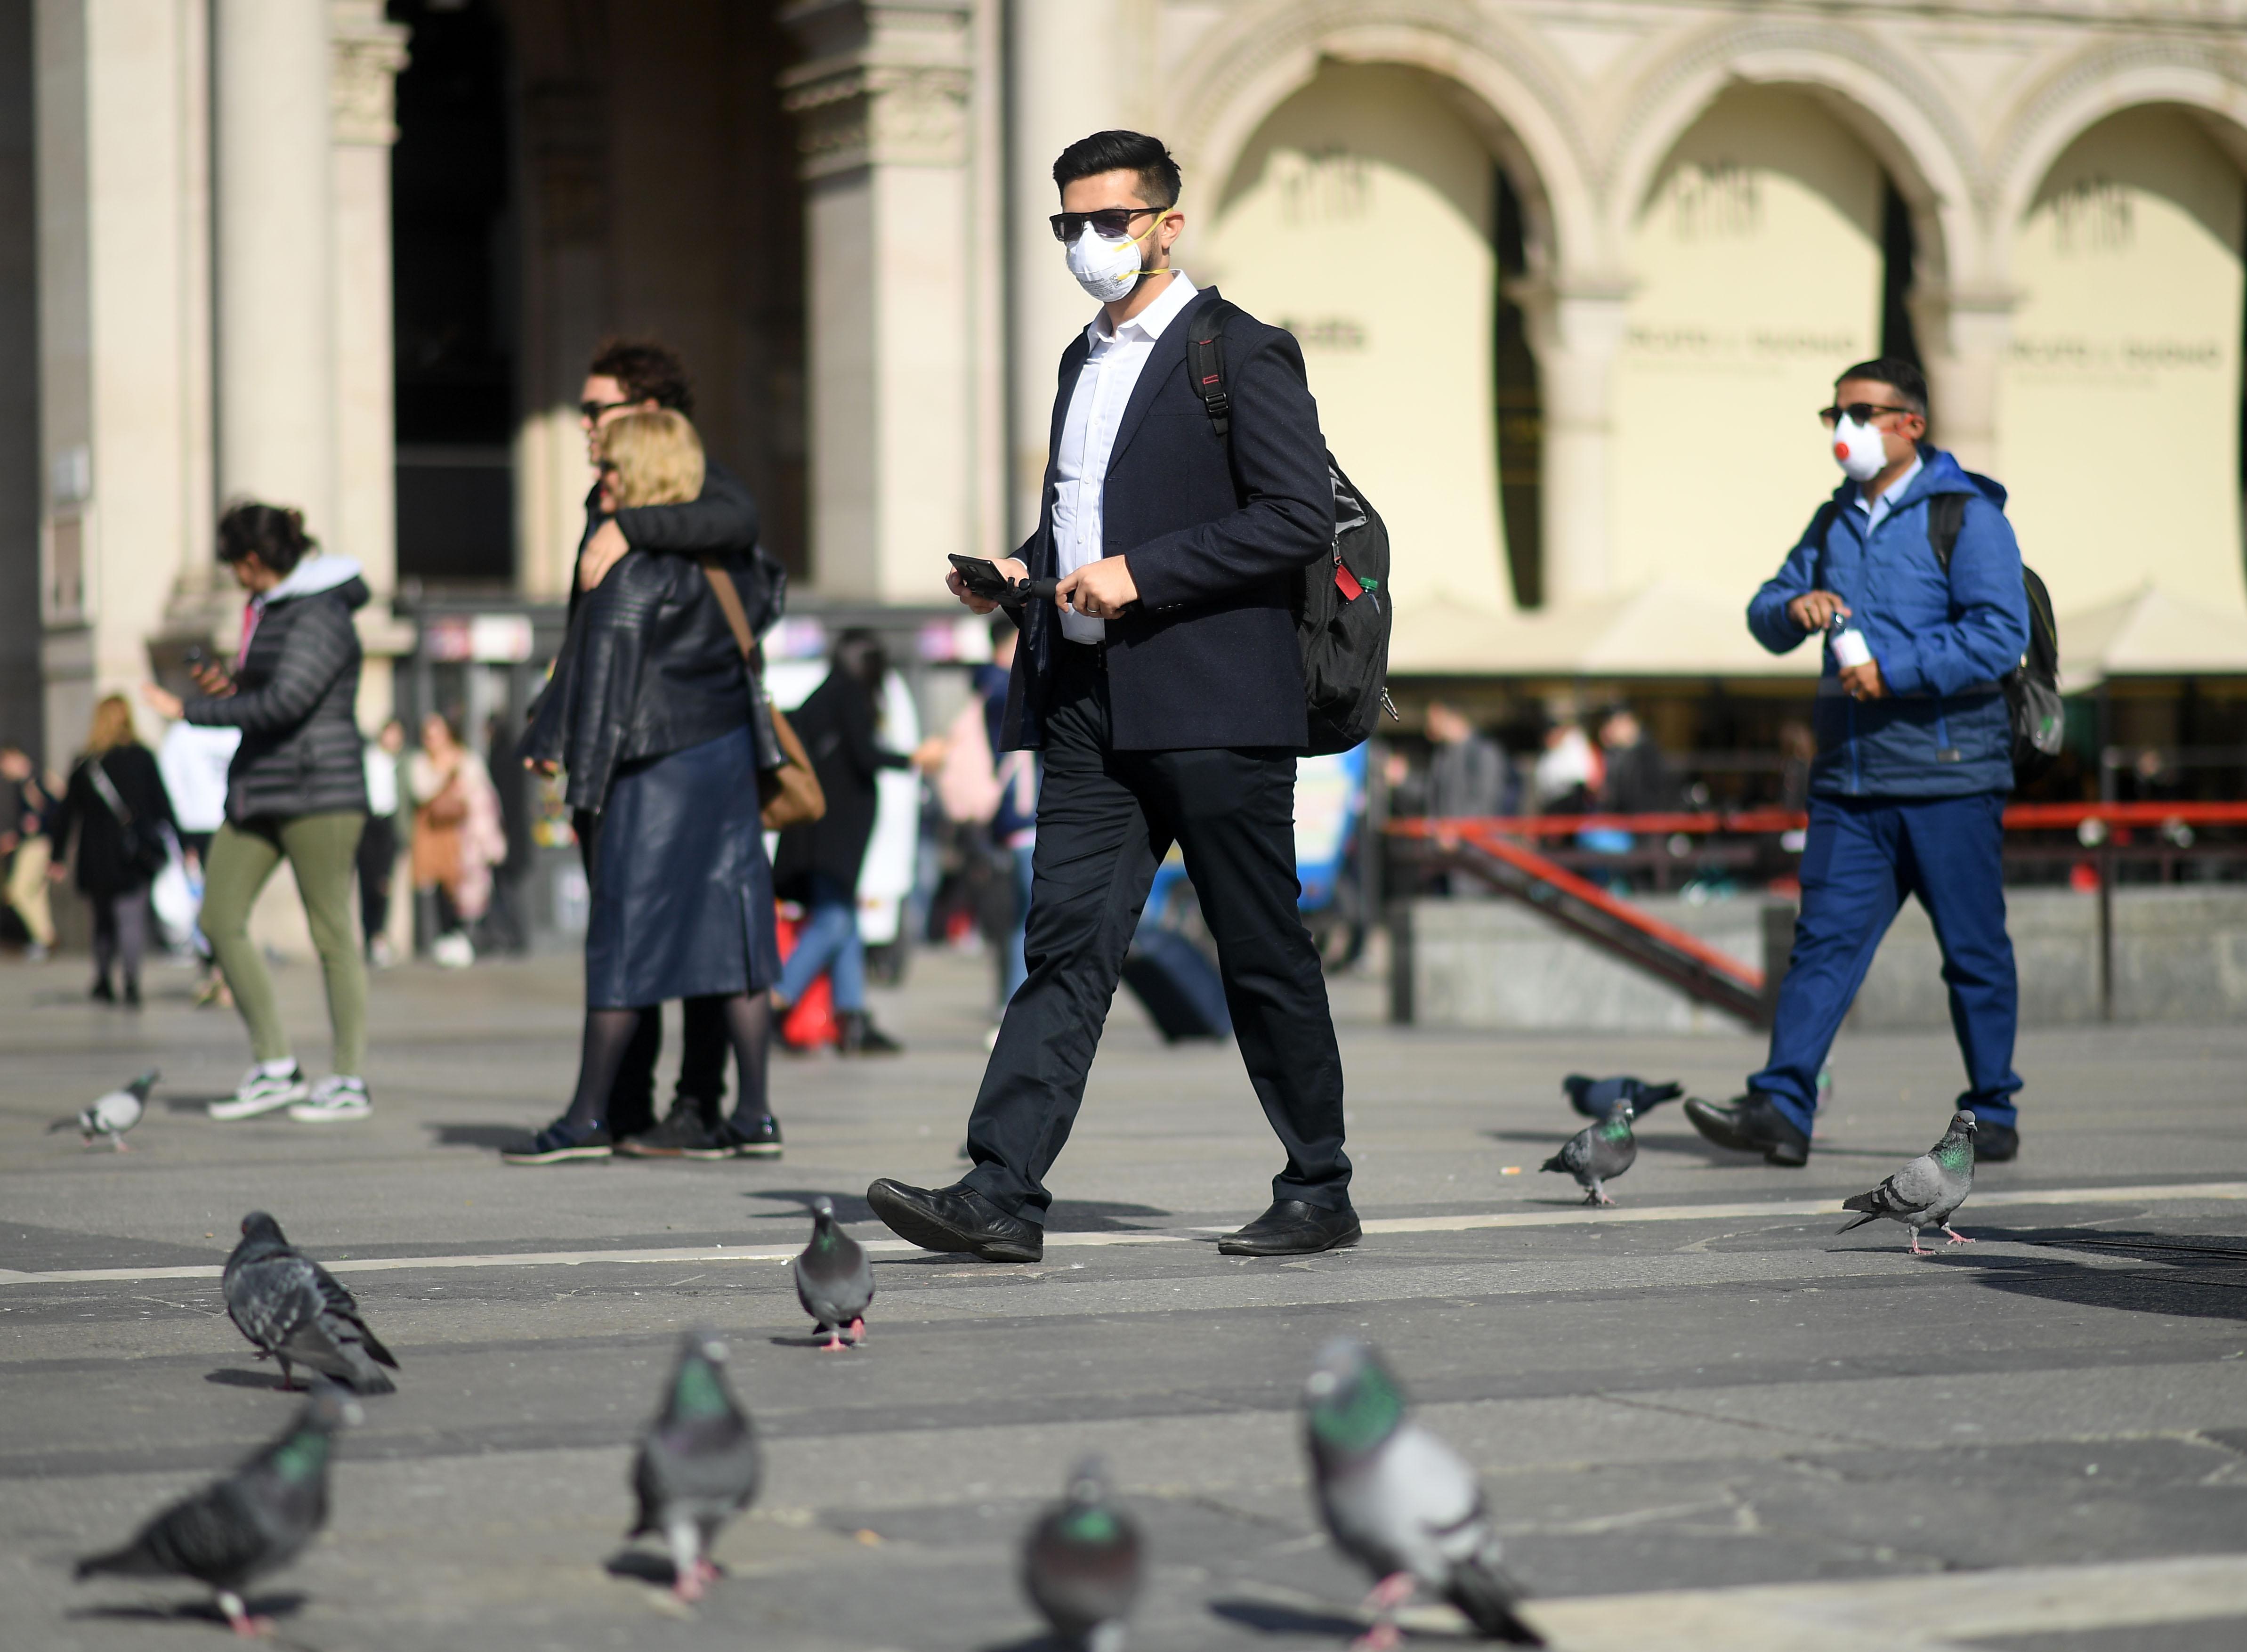 意大利新冠病毒感染病例数量升至229例